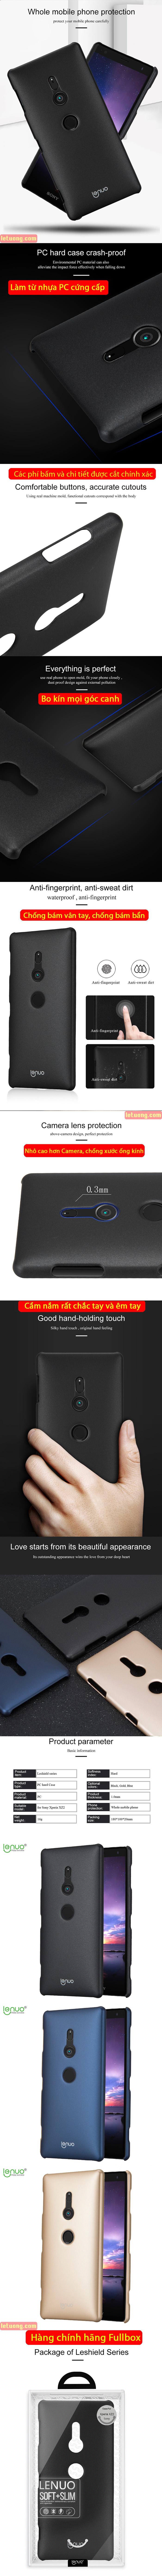 Ốp lưng Sony XZ2 Lenuo Leshield Case siêu mỏng, lưng mịn chống vân tay 4